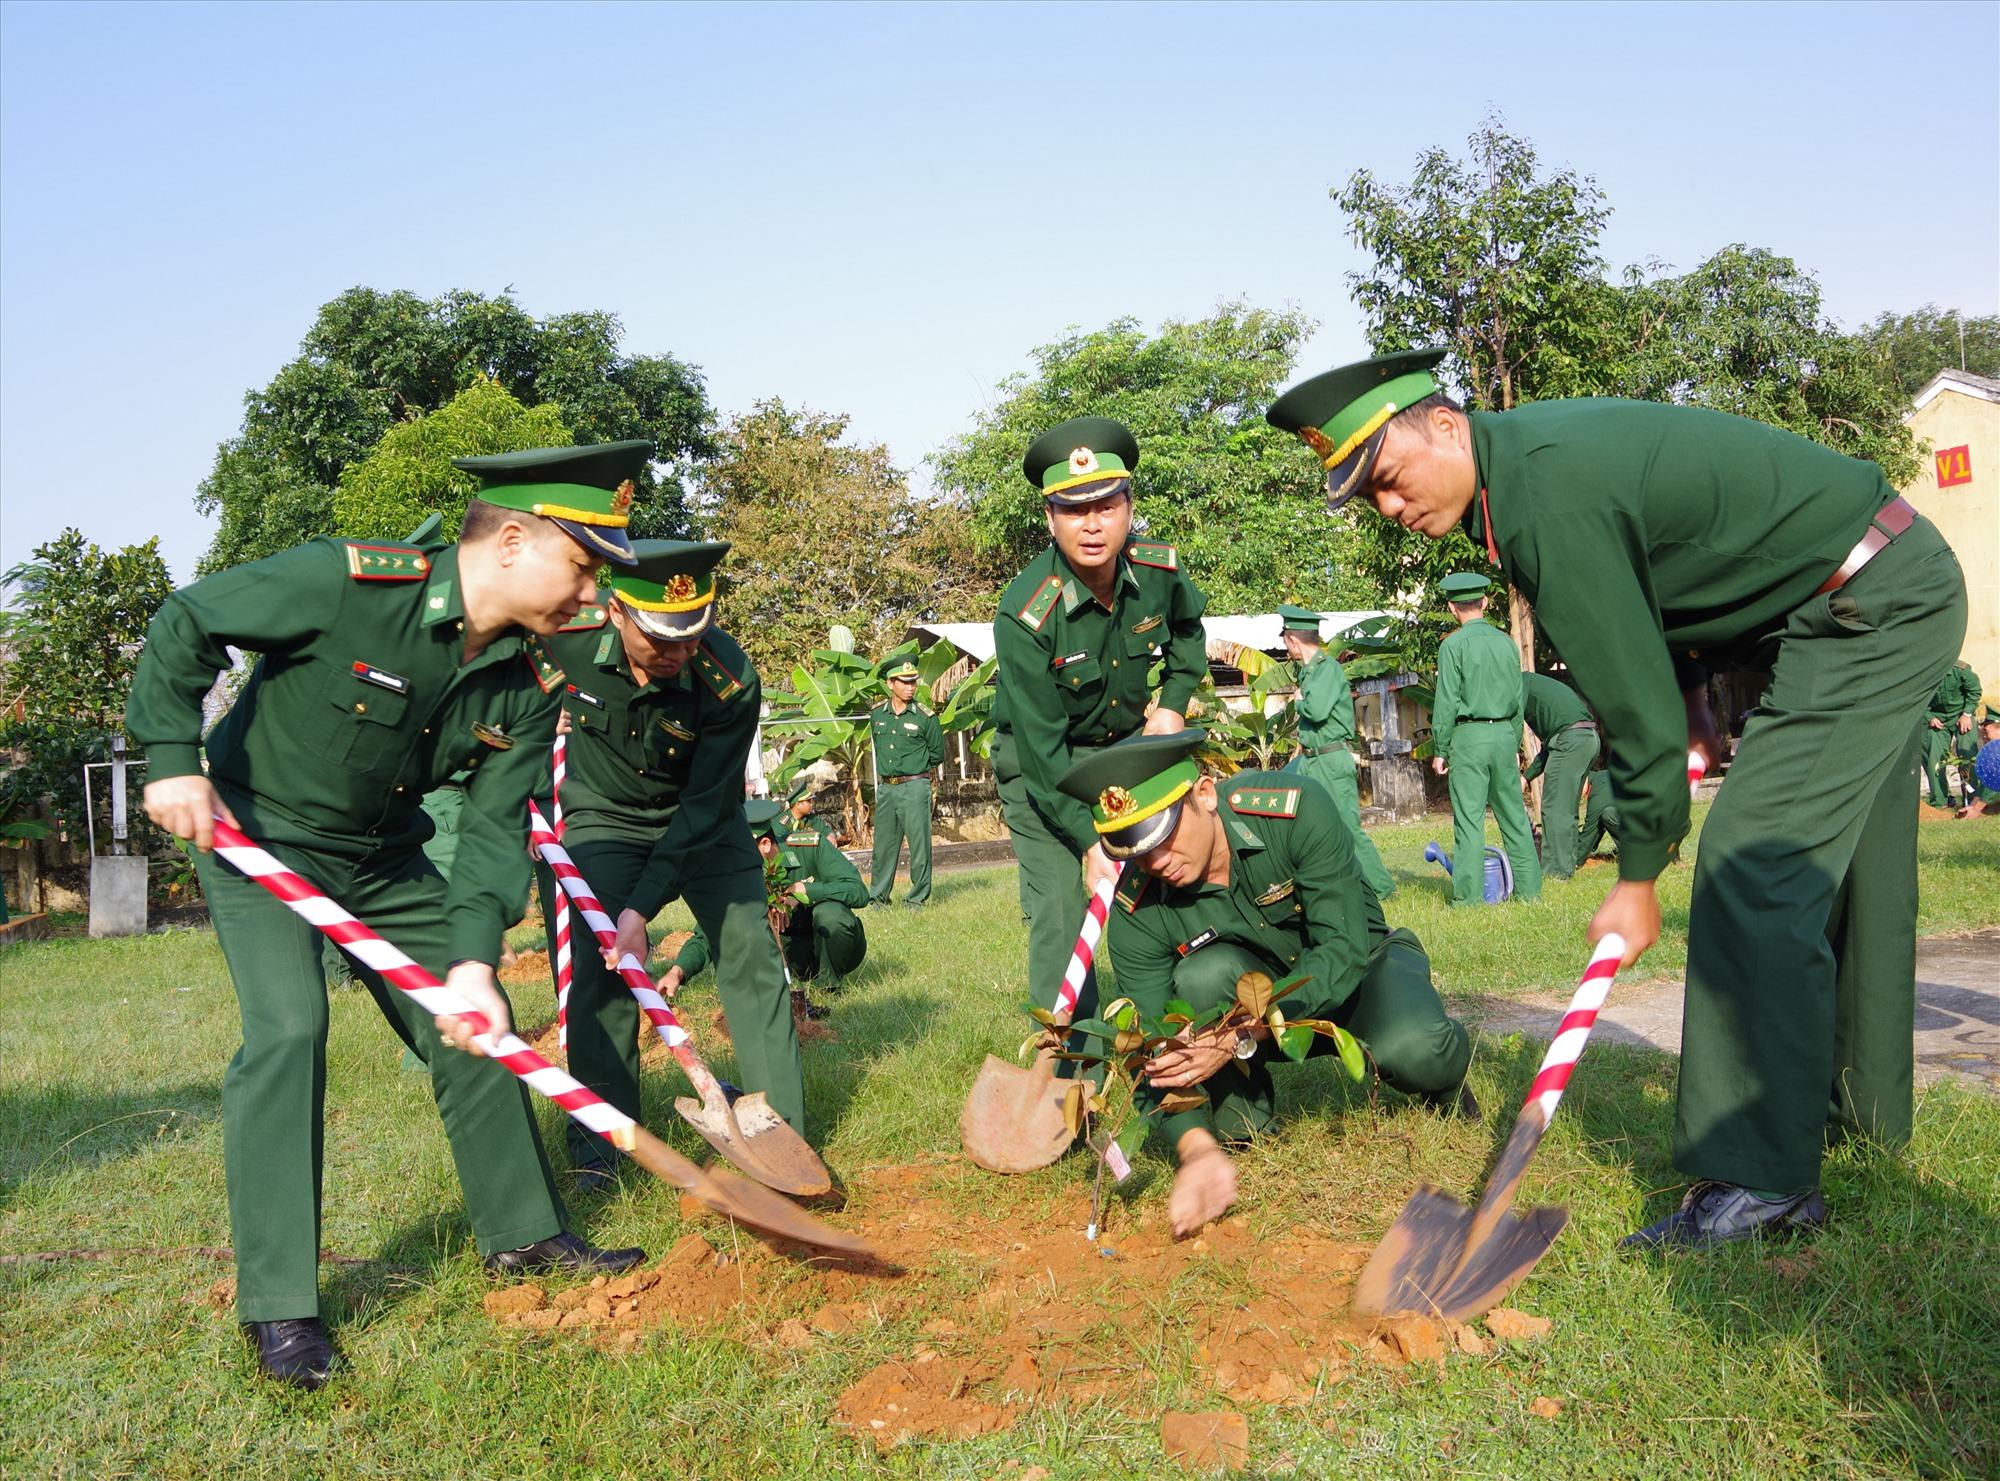 Lãnh đạo Bộ chỉ huy BDDBP tỉnh trồng cây tại khuôn viên Tiểu đoàn huấn luyện - cơ động. Ảnh : HỒNG ANH